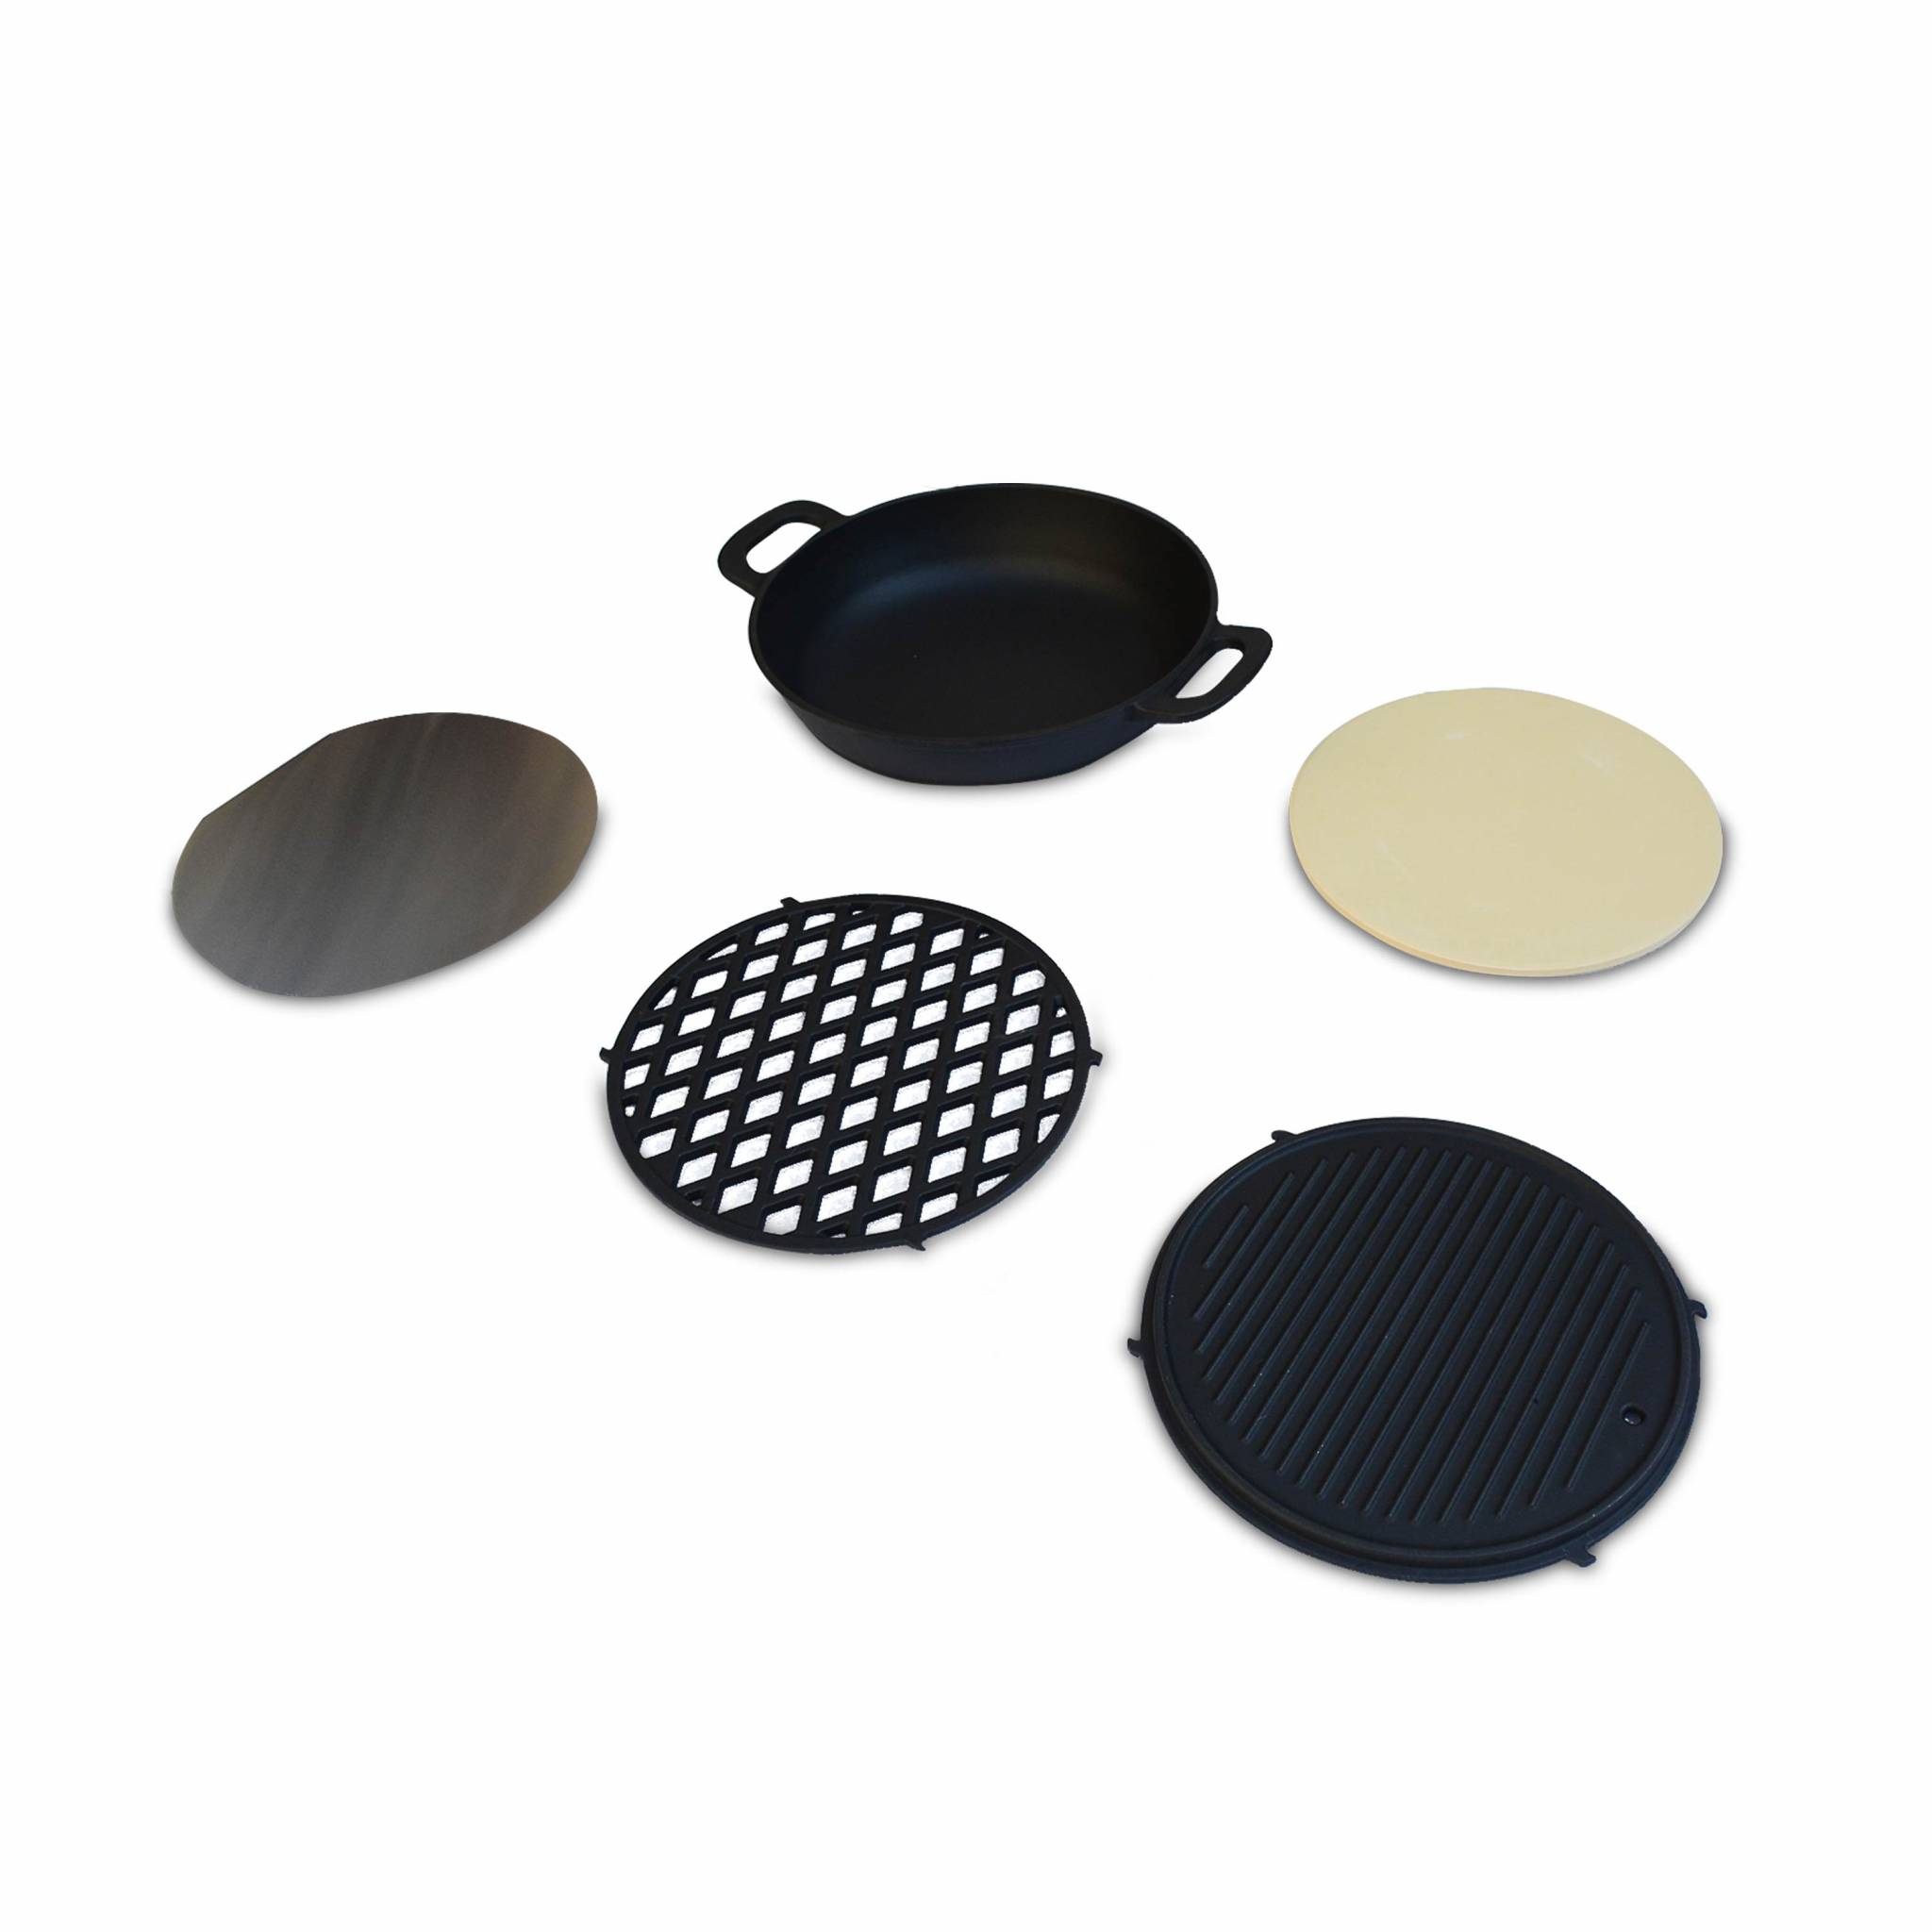 Ensemble de cuisson pour barbecue  au charbon – wok grille plaque